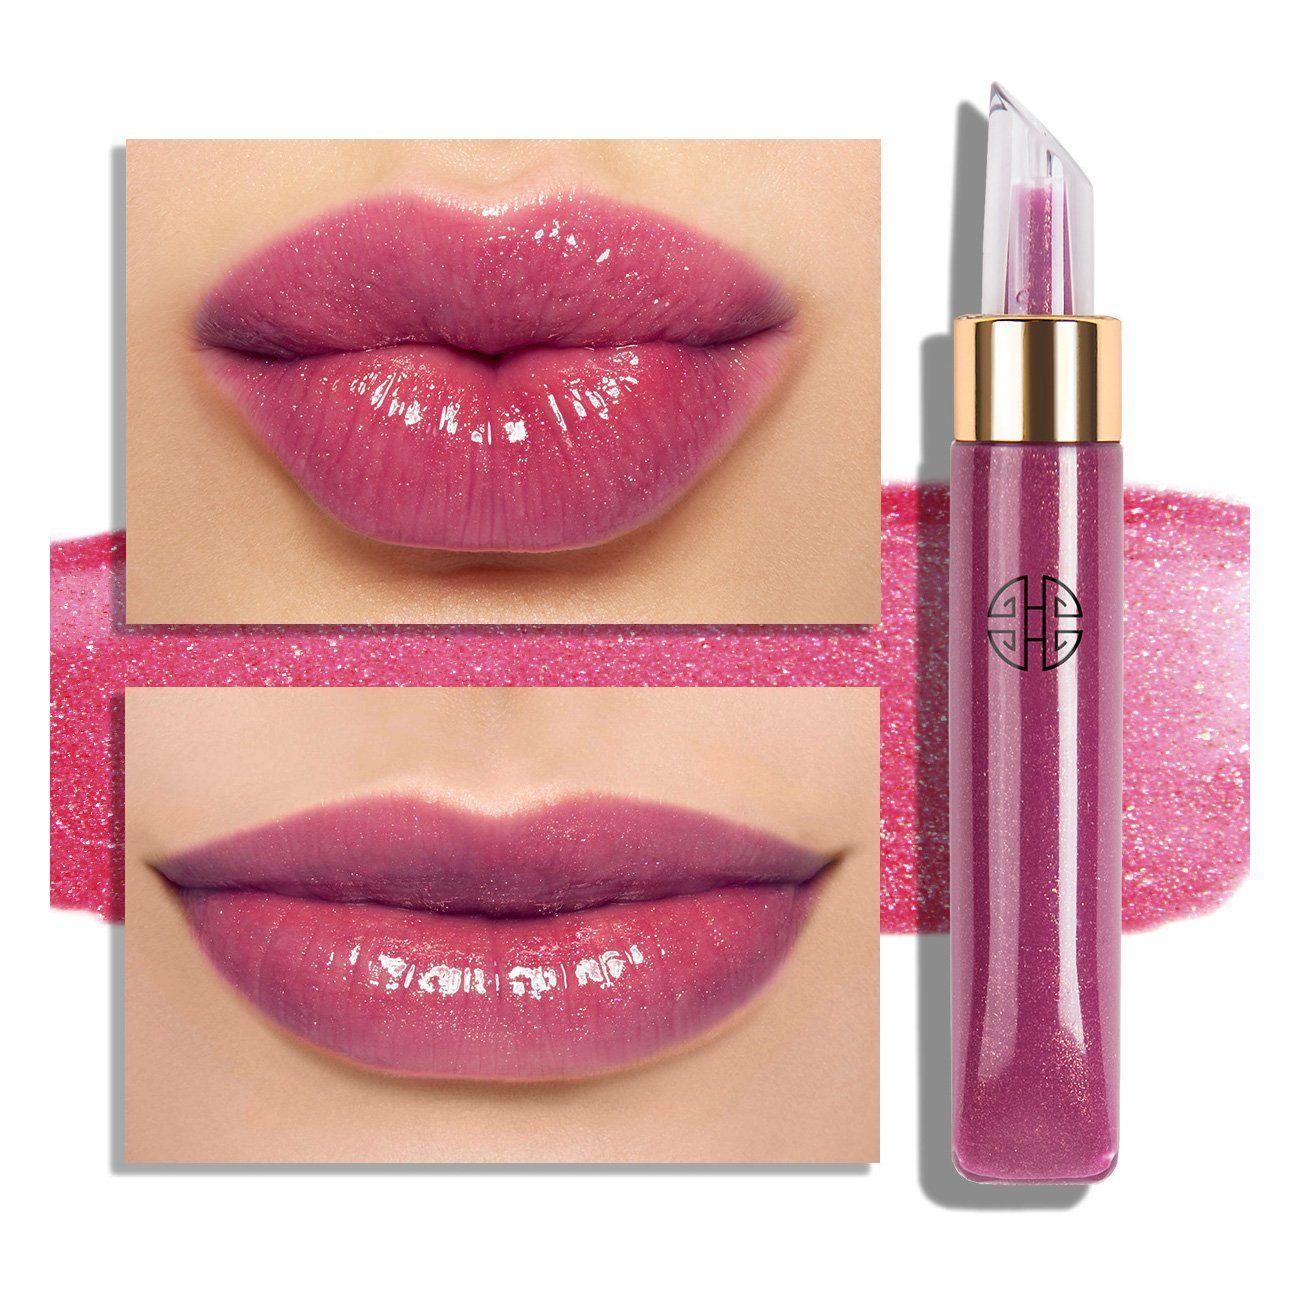 Amethyst Dream Natural Ingredients Tube Lip